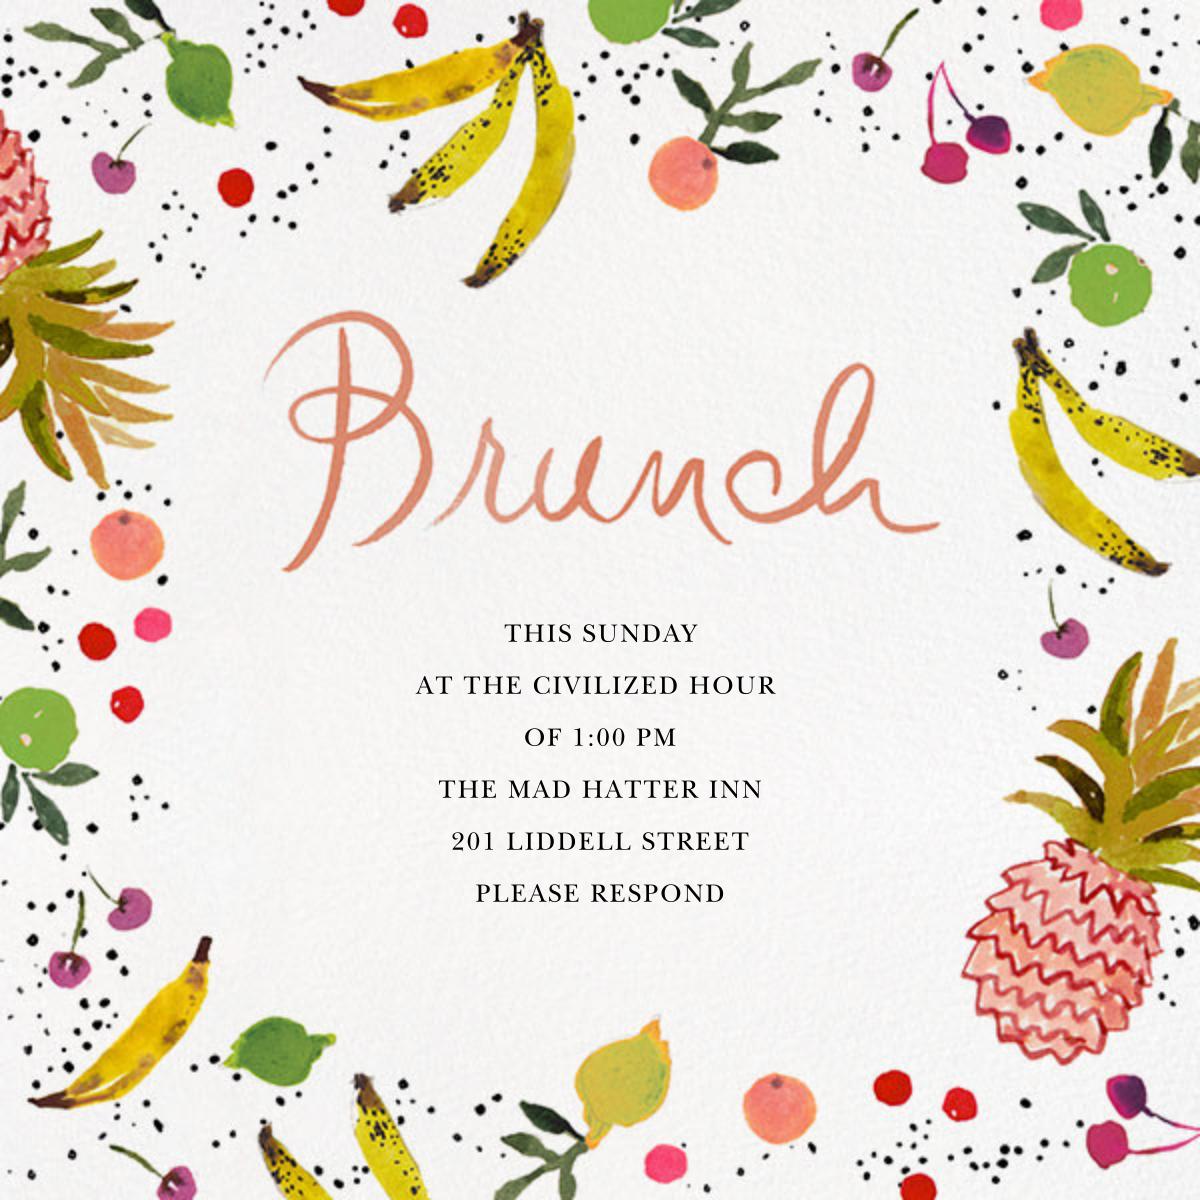 Tutti Frutti - Happy Menocal - Brunch